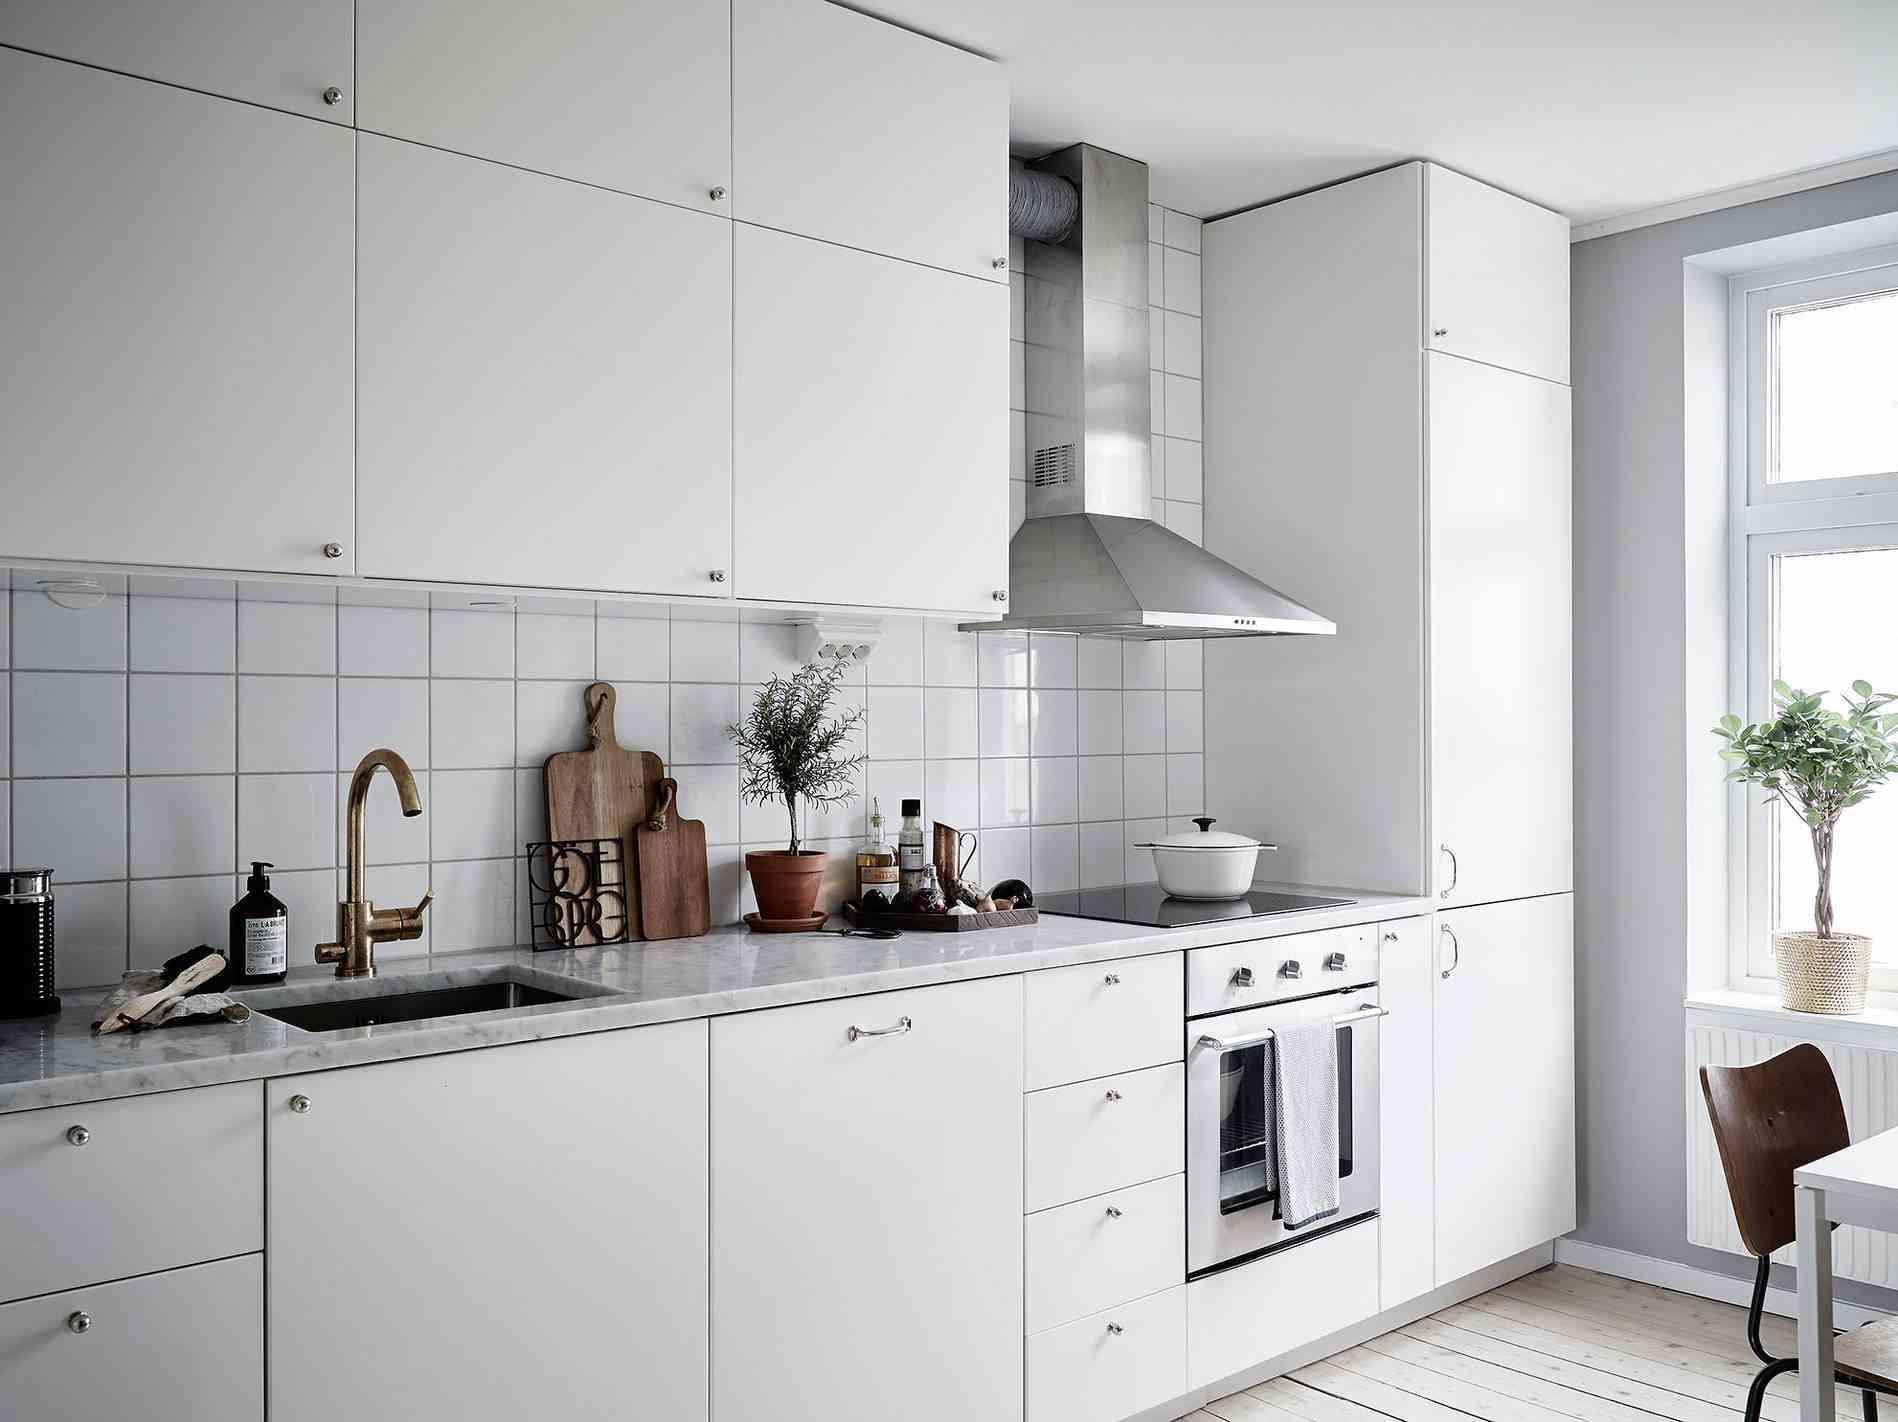 apartamento de estilo nordico V